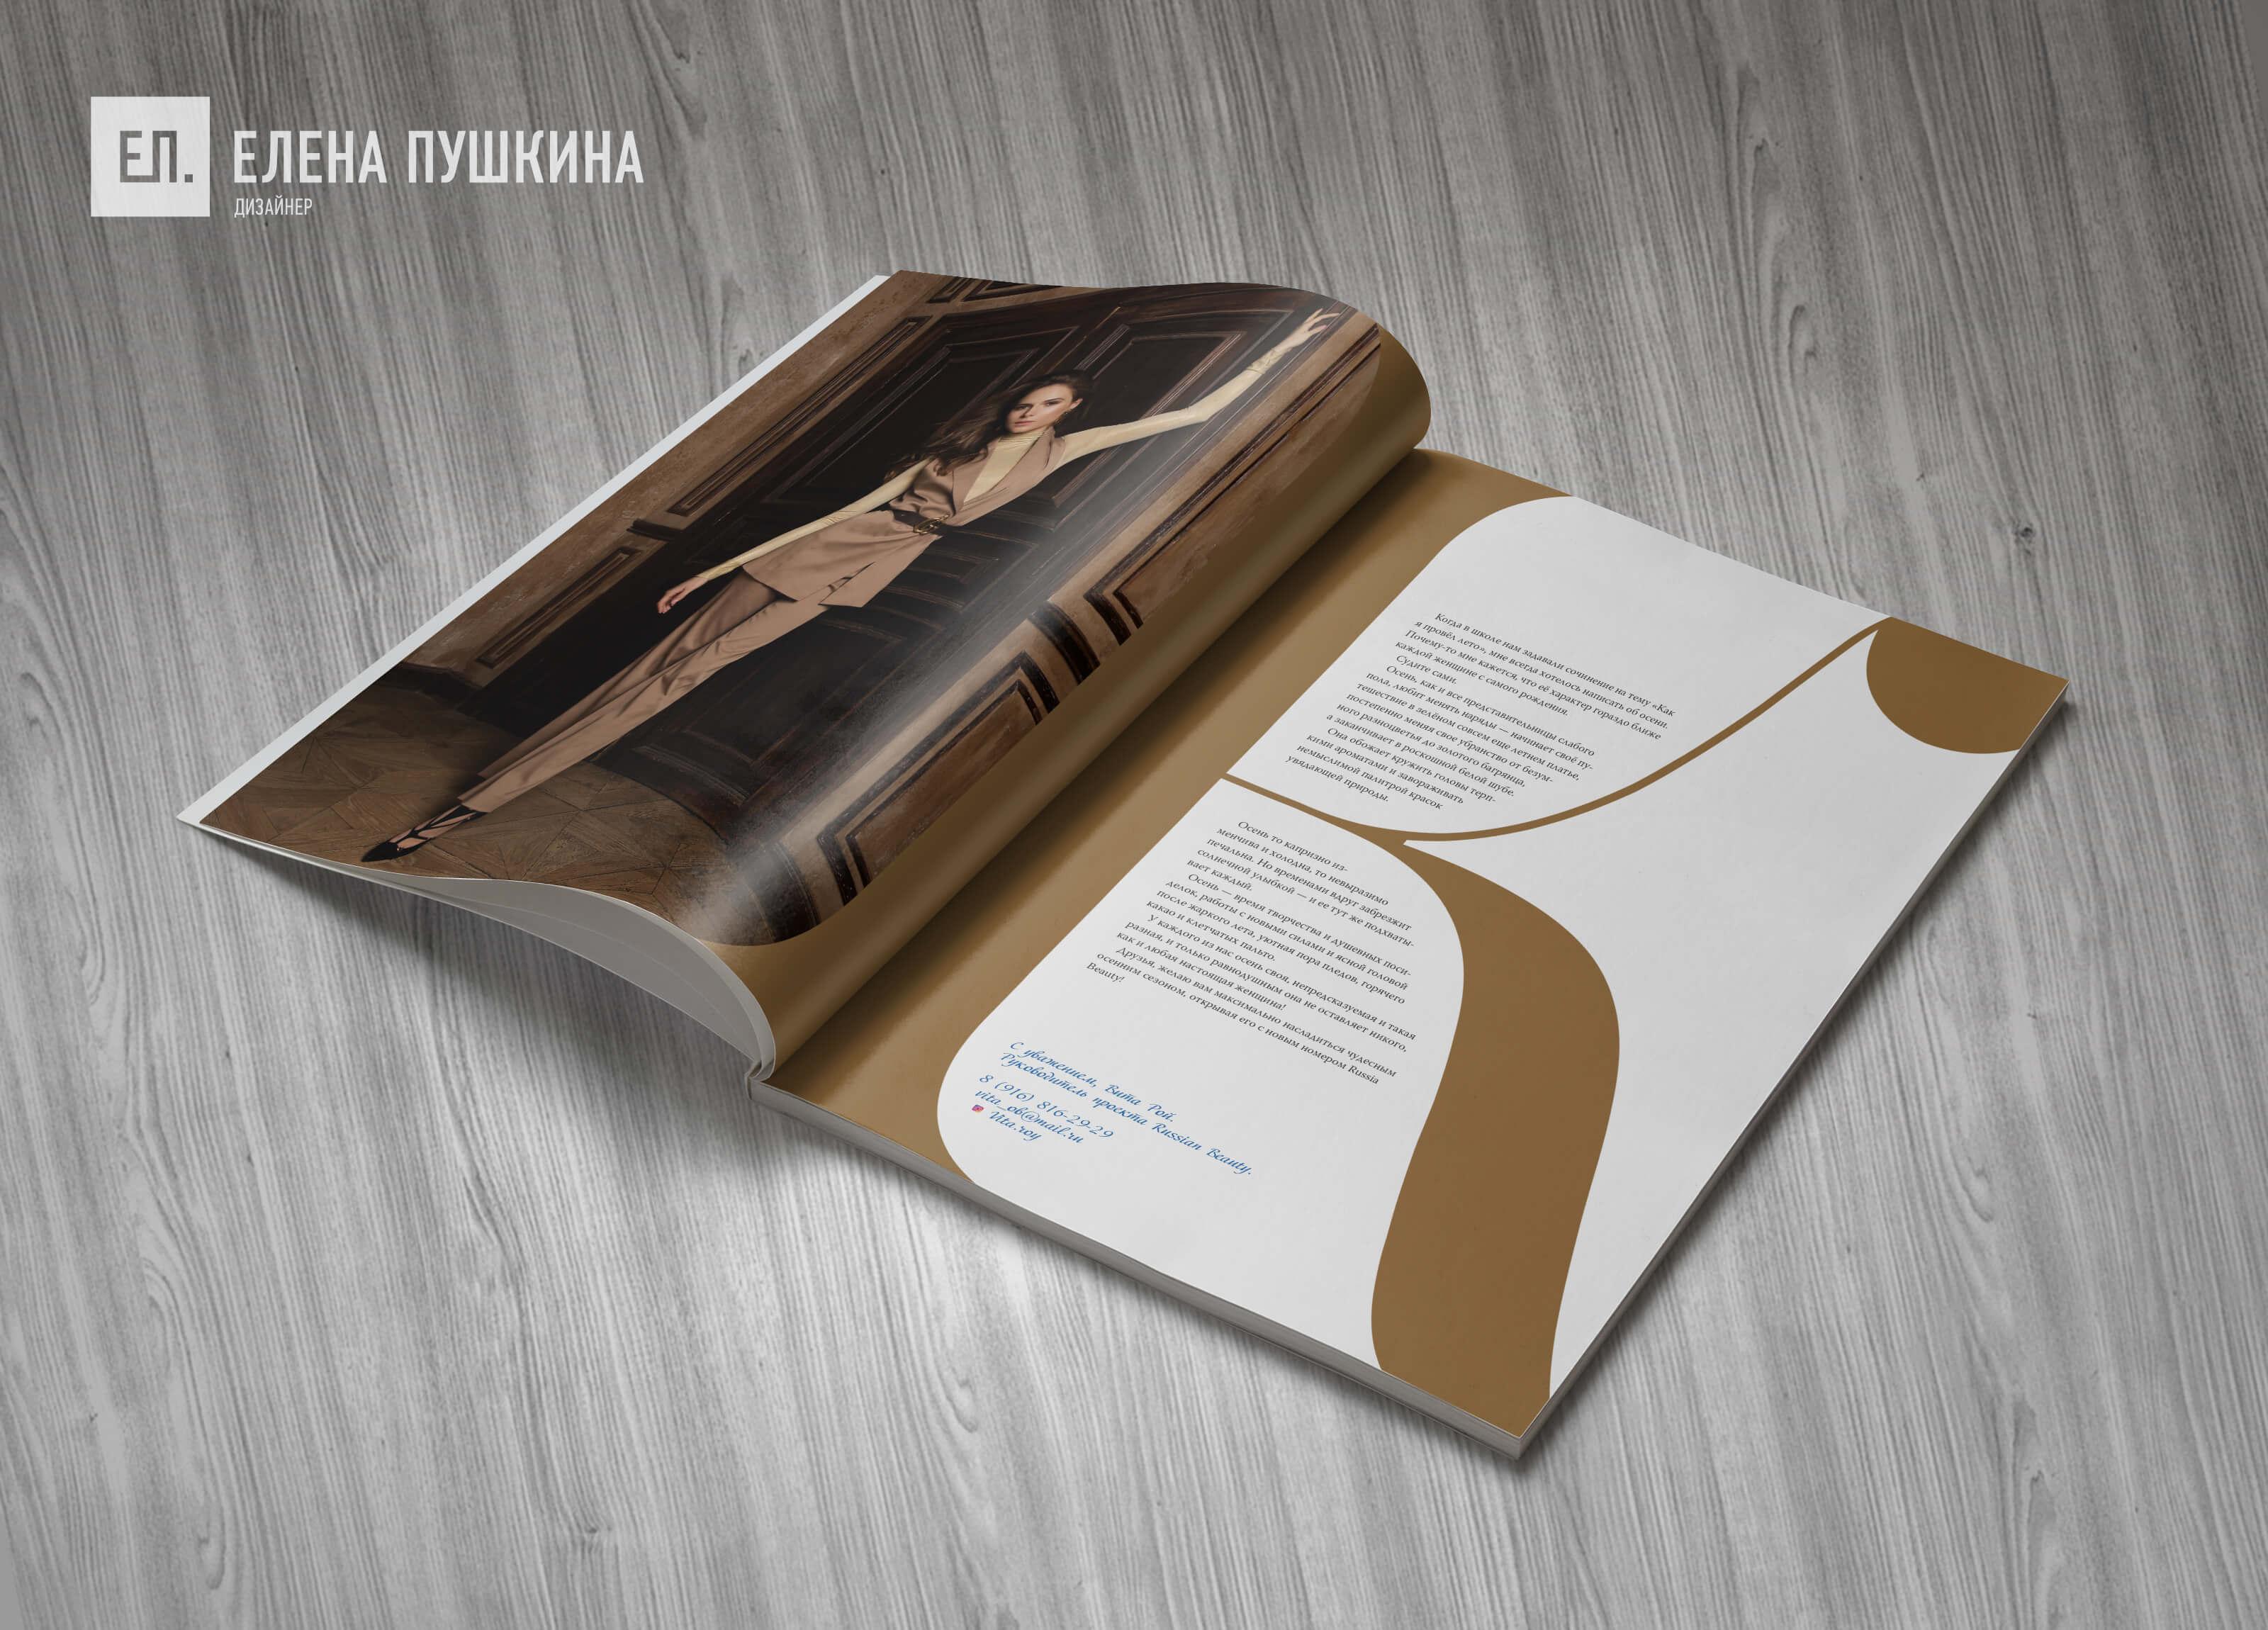 Глянцевый Luxury журнал «RUSSIAN BEAUTY» №4 ноябрь 2018— разработка с«нуля» логотипа, обложки, макета ивёрстка журнала Разработка журналов Портфолио